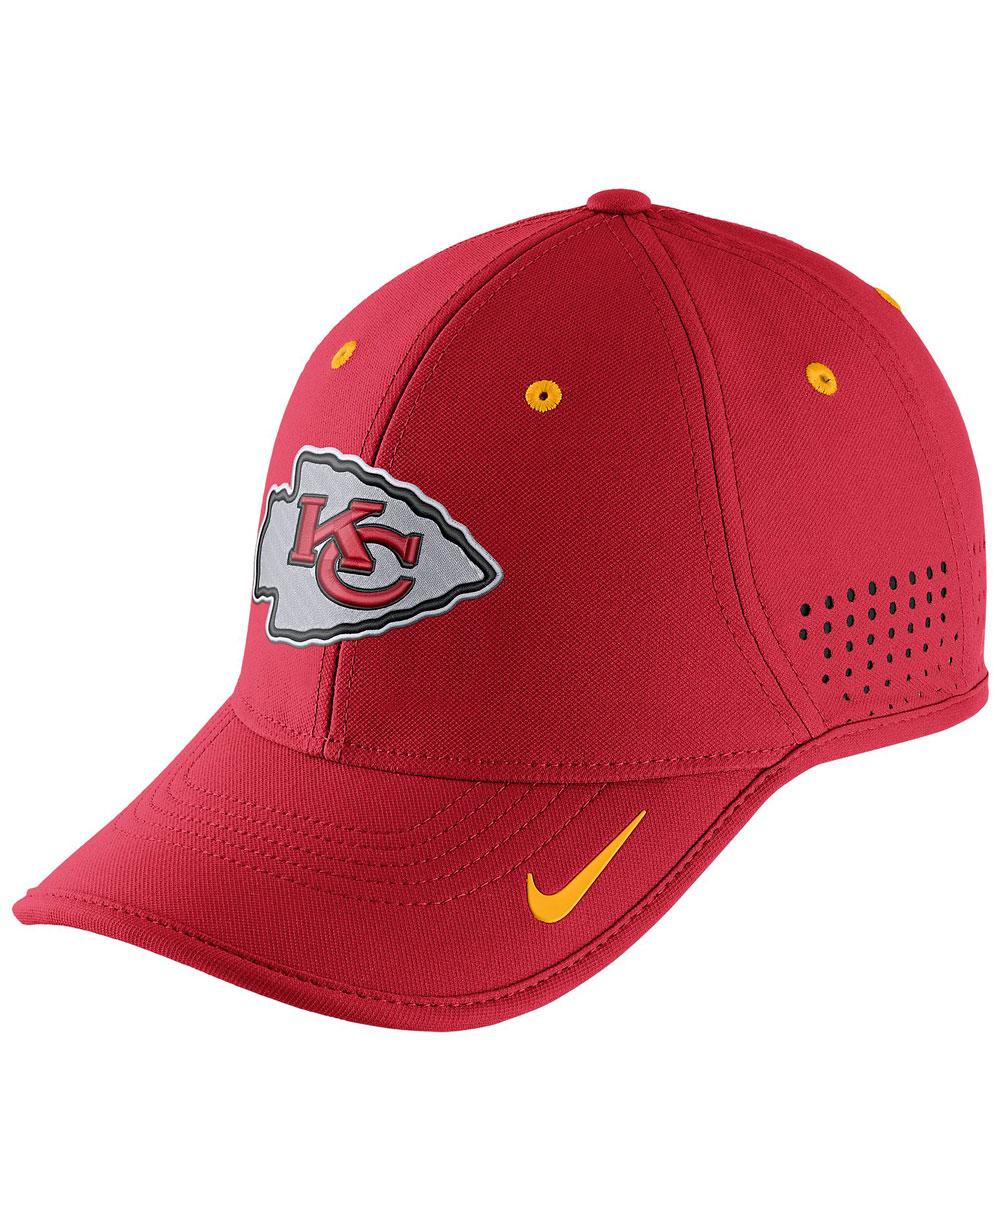 Men's Cap True Vapor NFL Chiefs